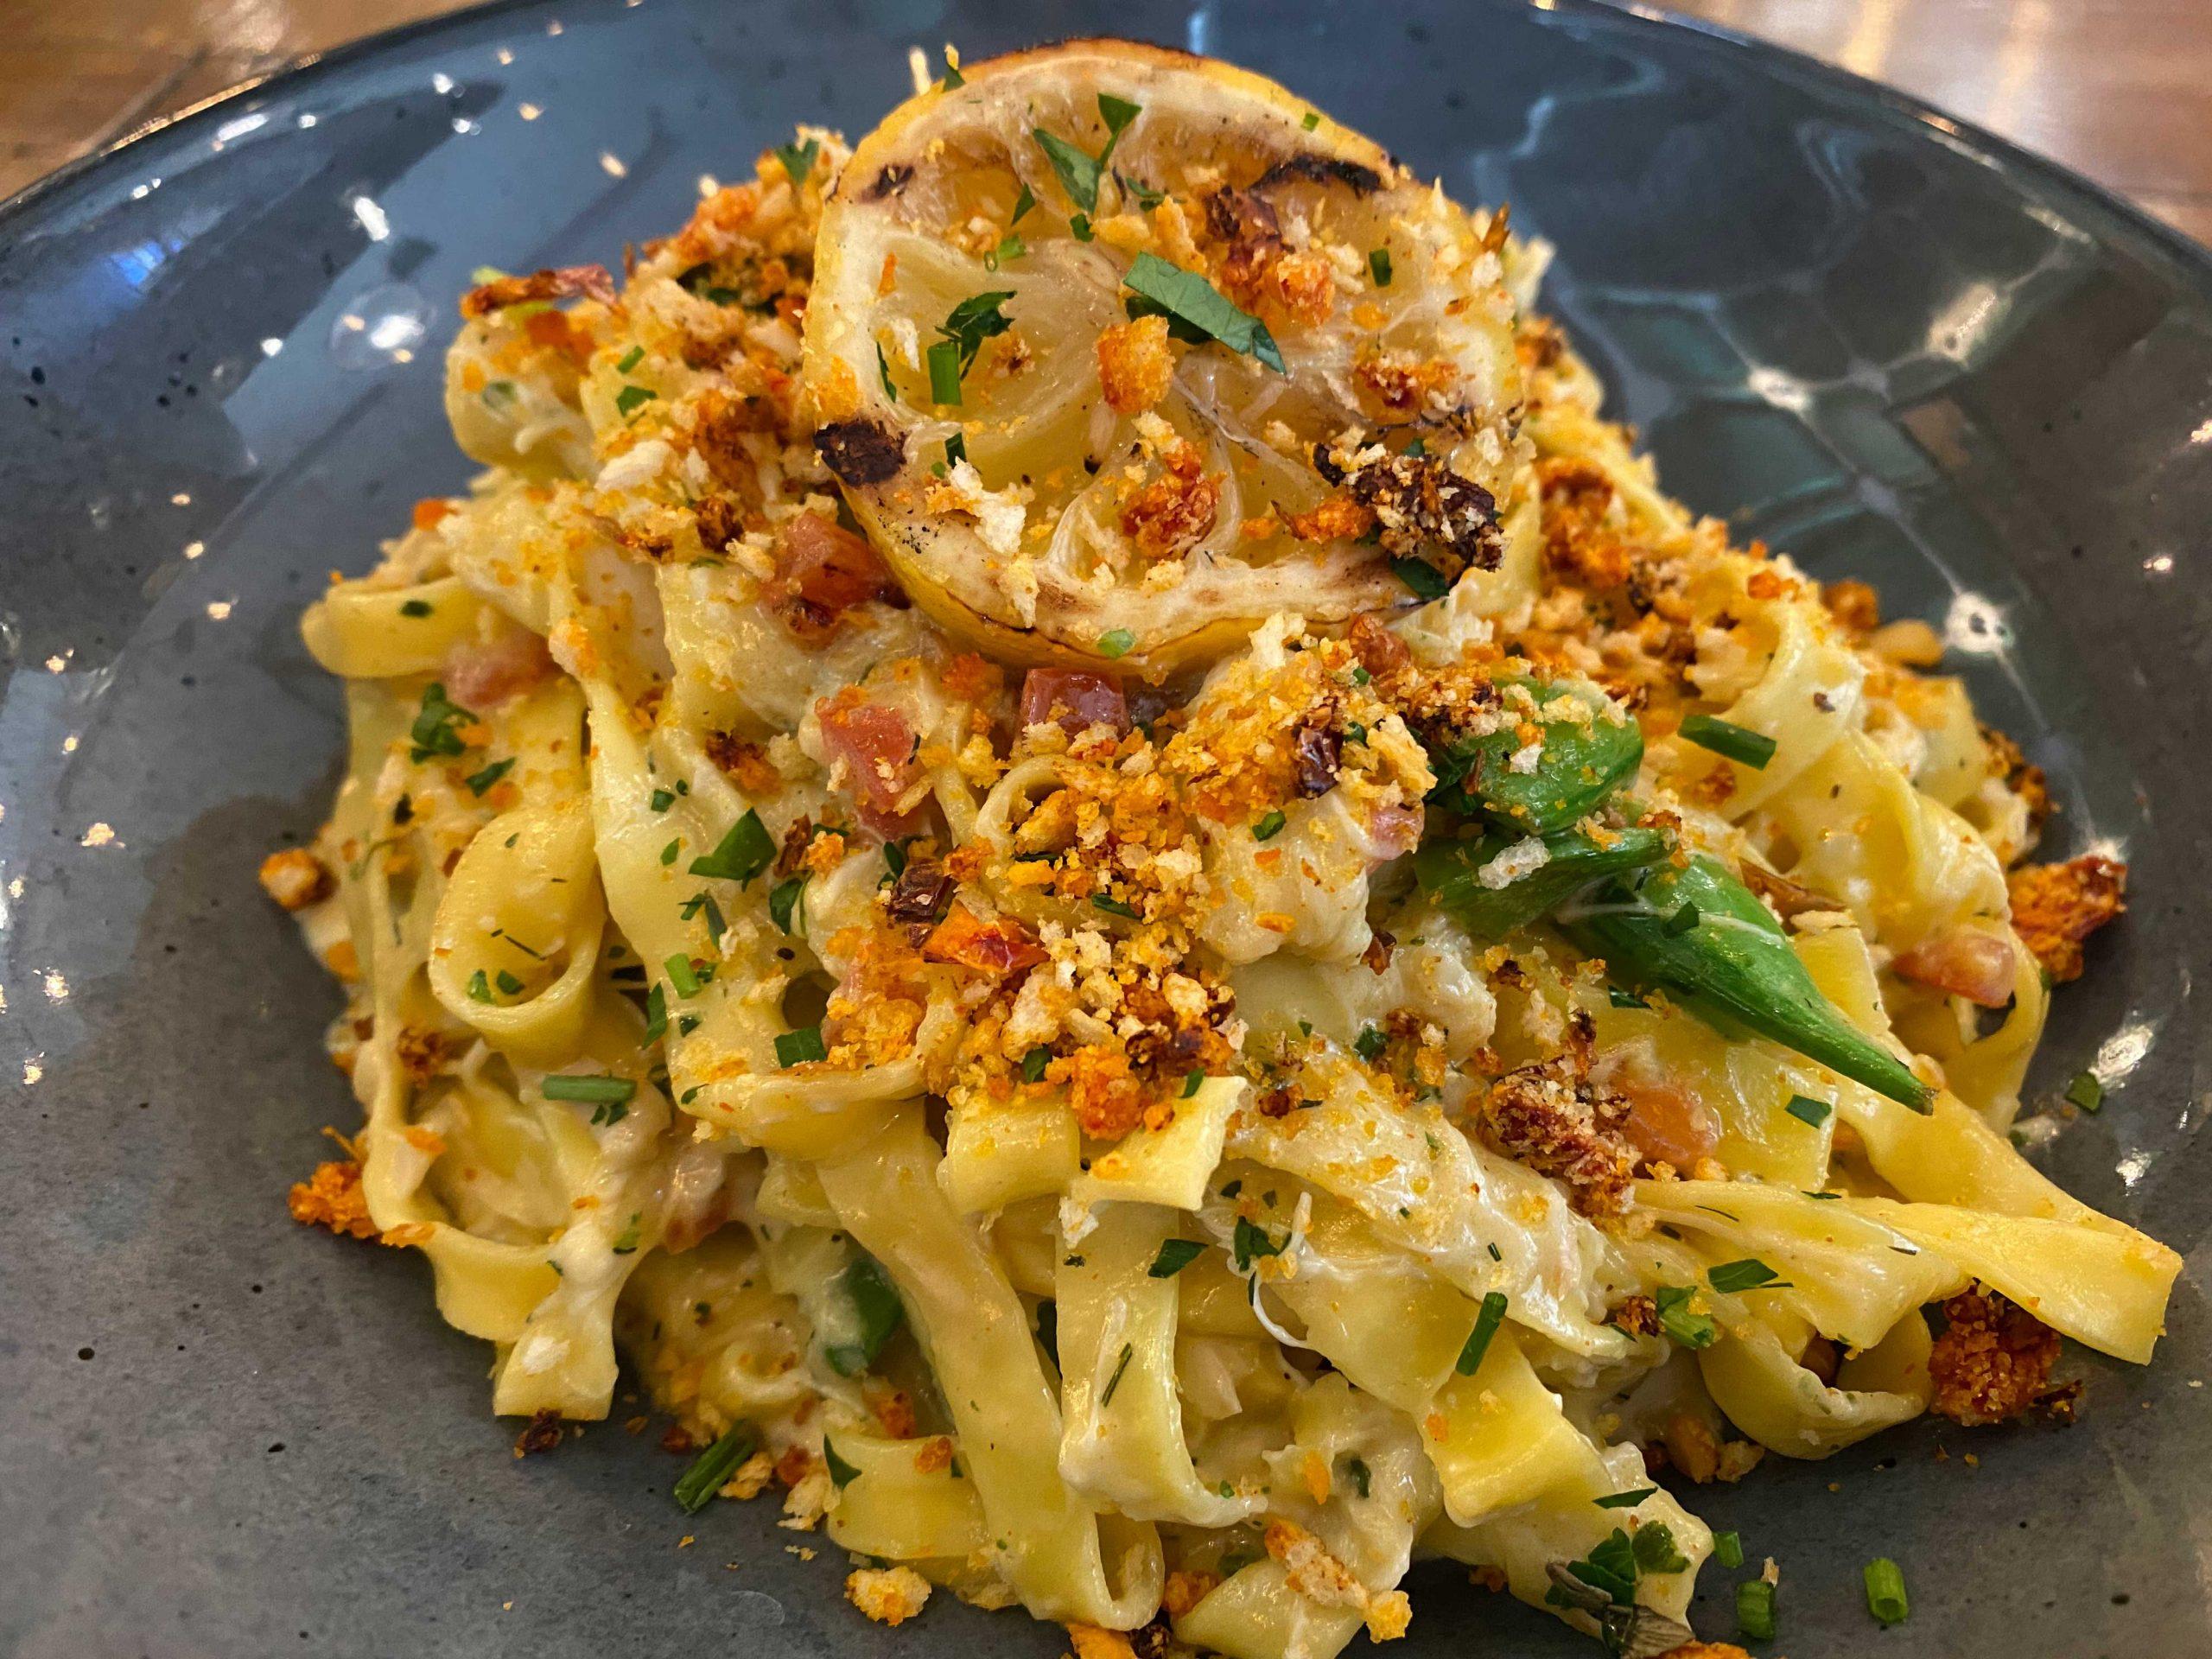 Garlic & Herb Crab Fettucine